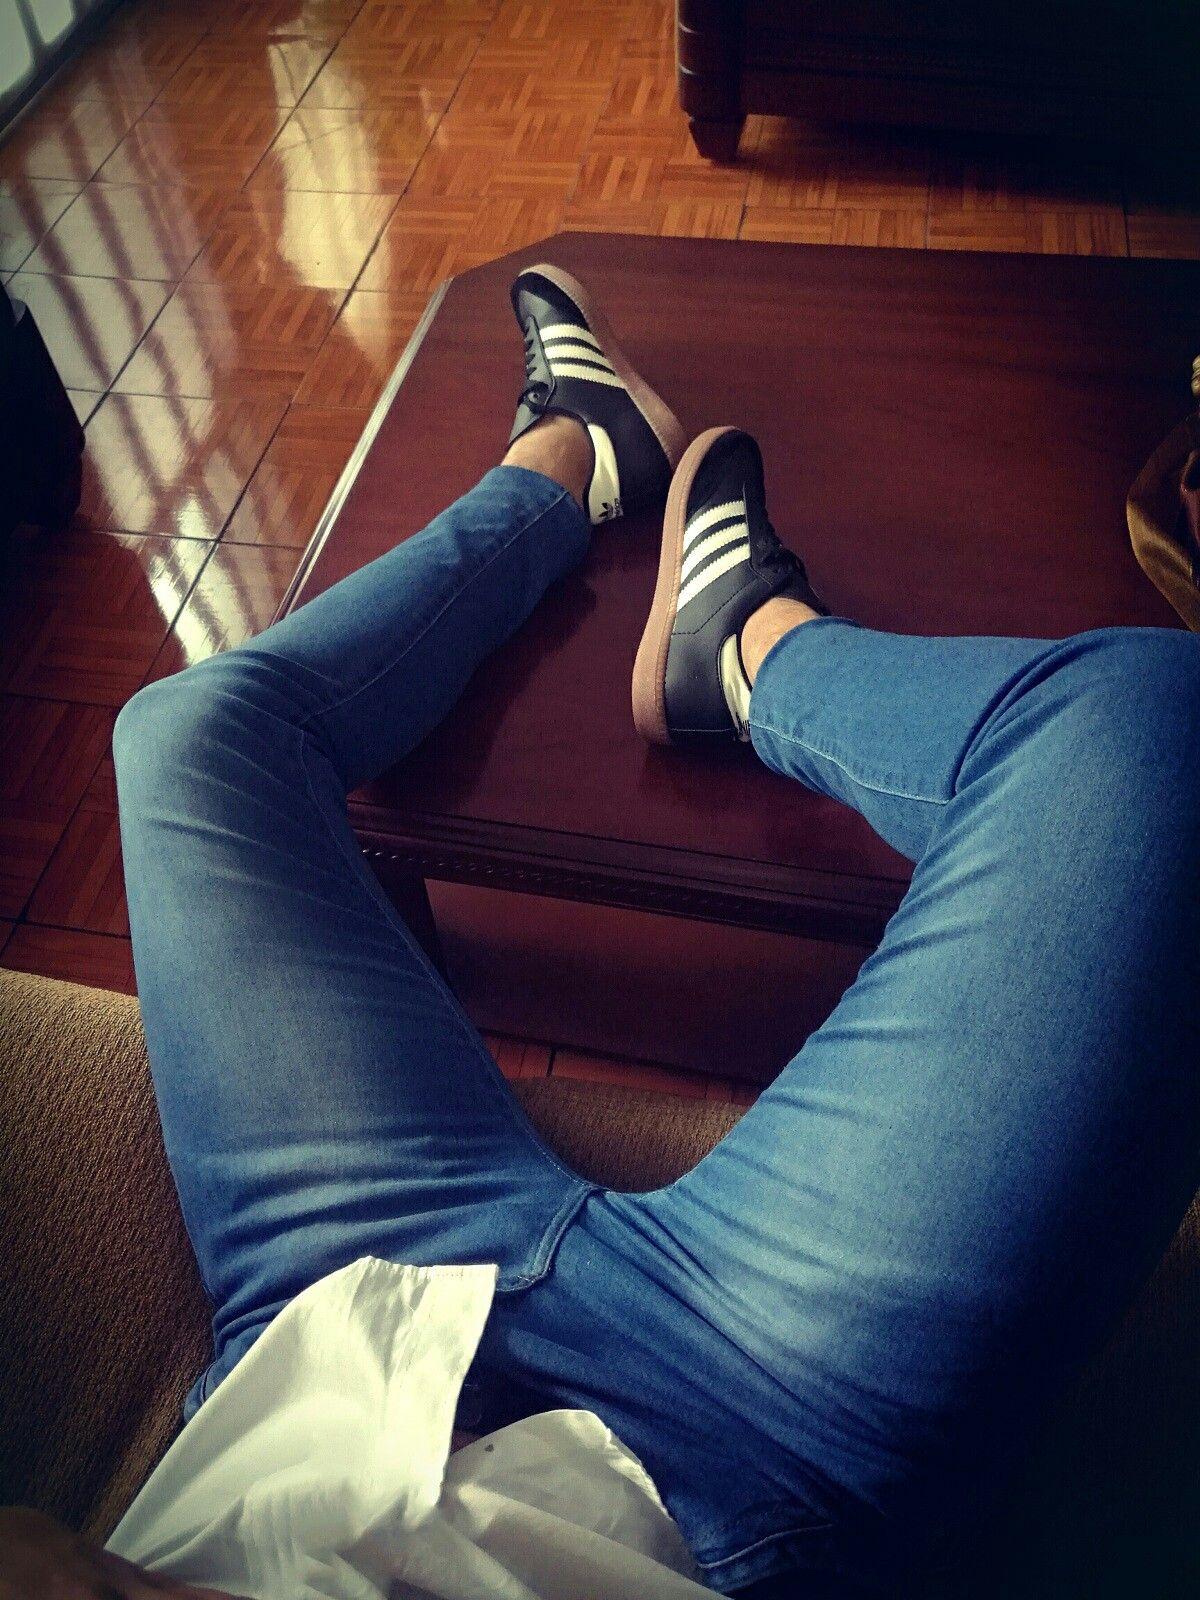 adidas #samba #adidassamba #shoes #outfit #men #man #moda